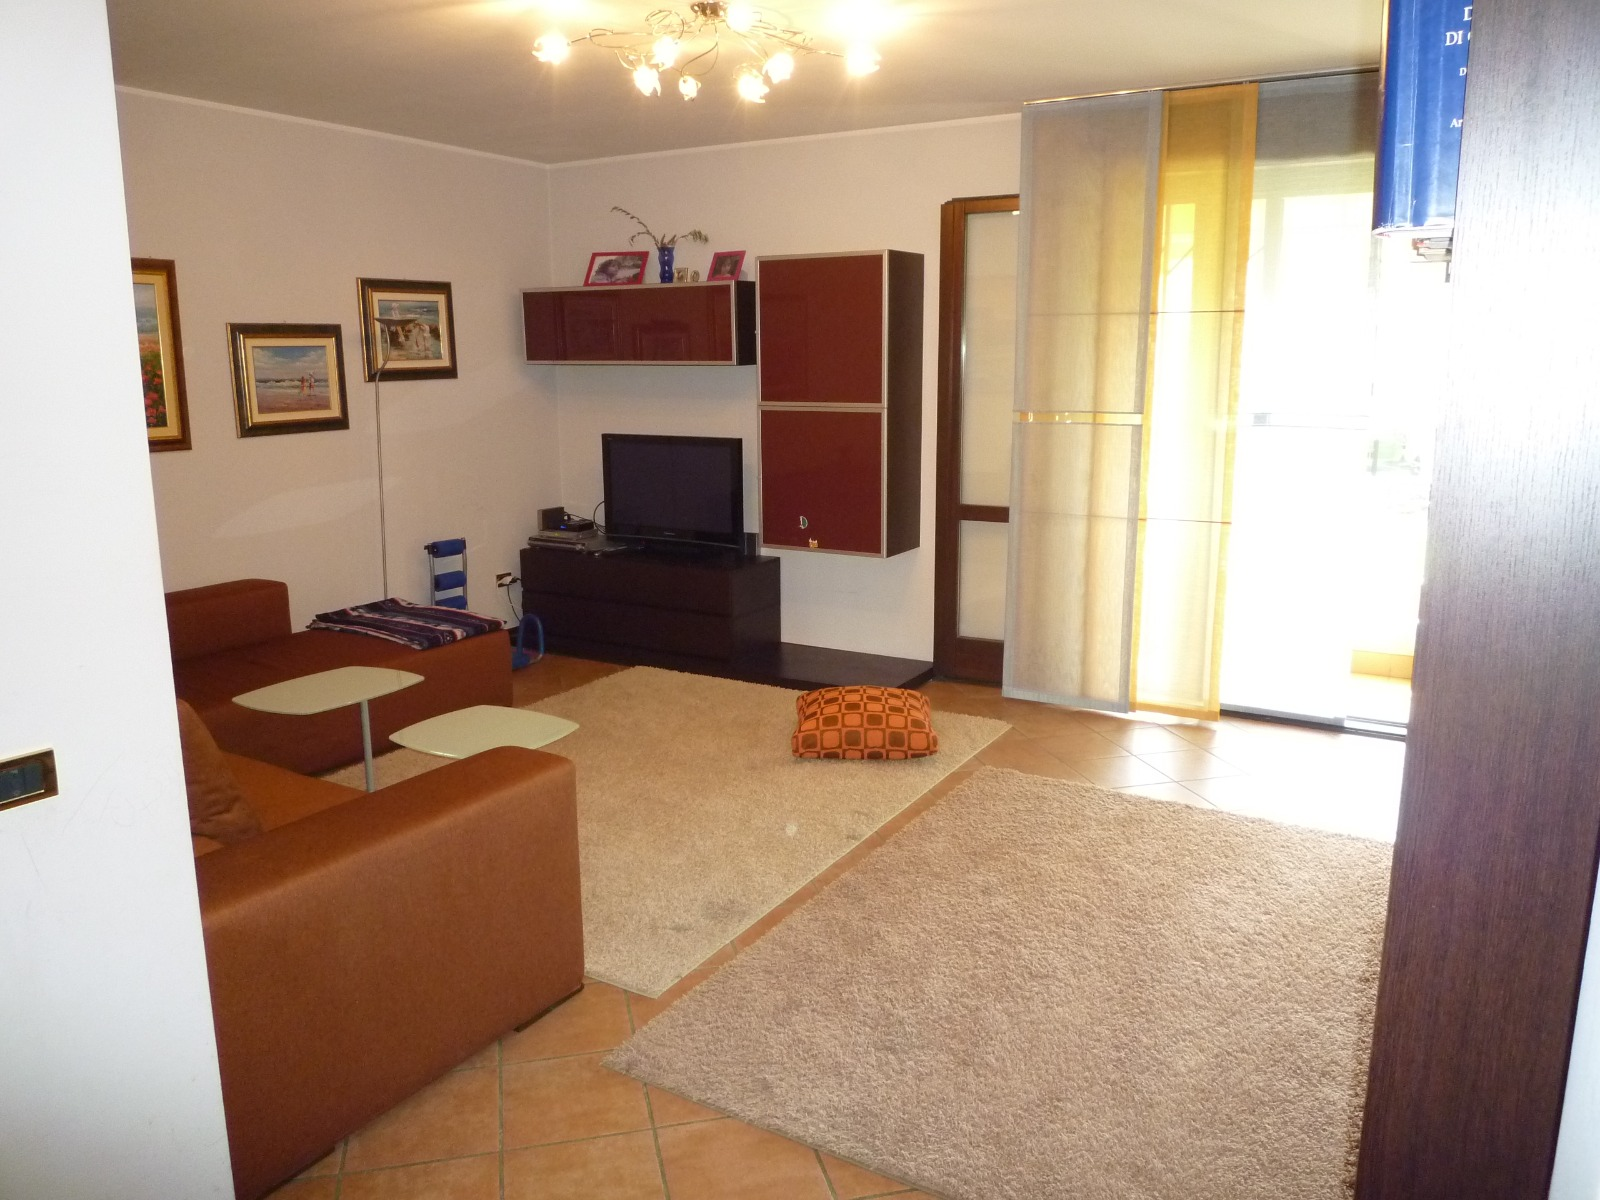 CASALSERUGO, appartamento con tre camere su unico livello